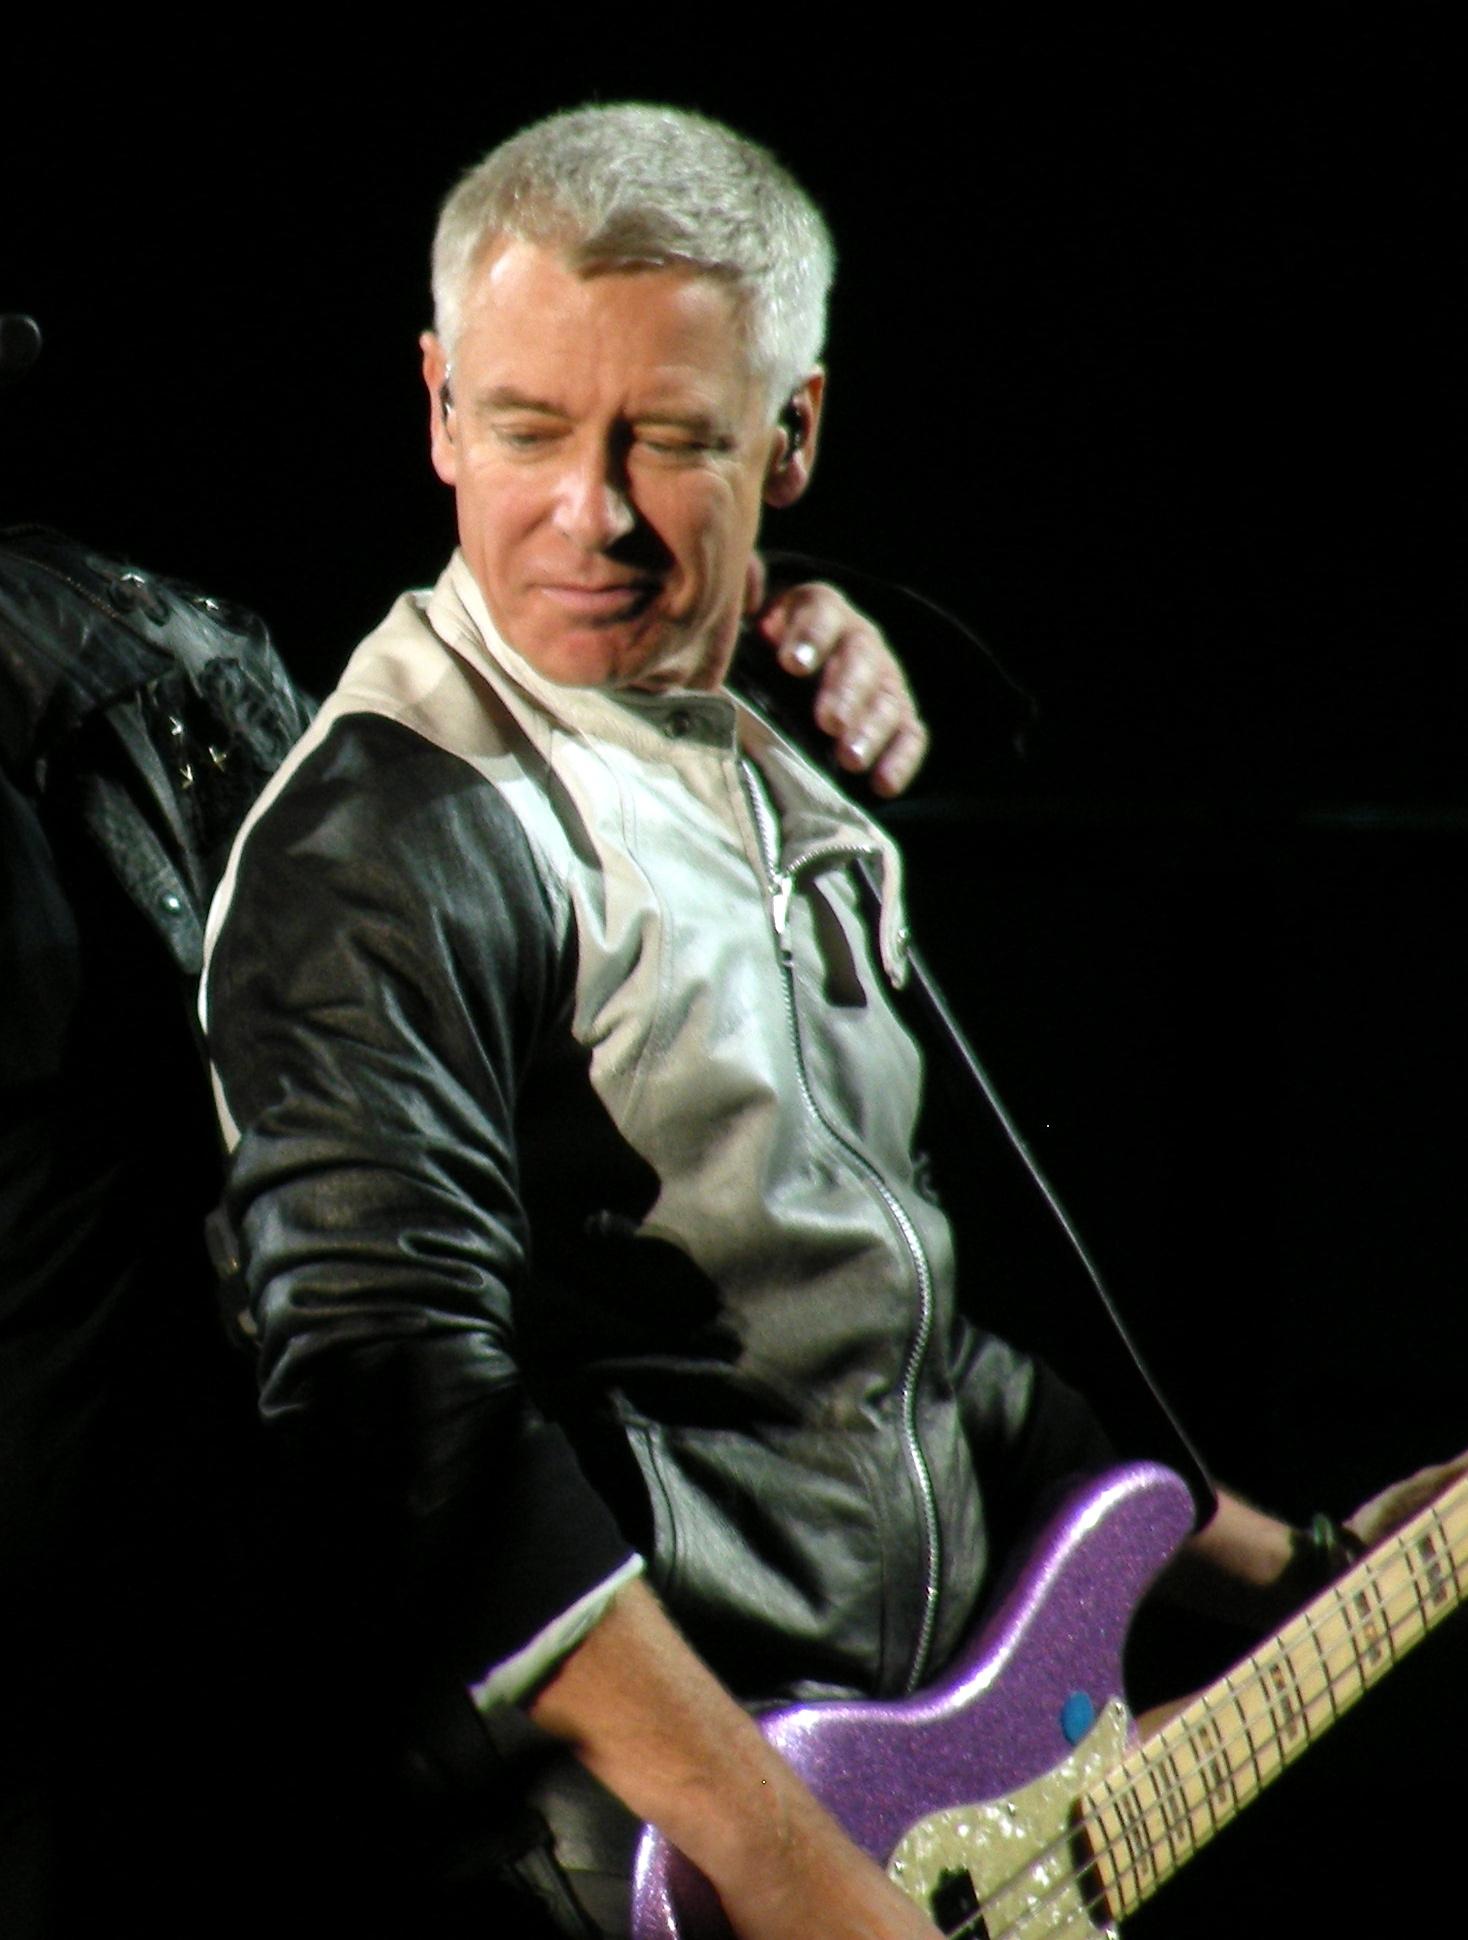 A que se deve a falta de popularidade da Gibson em relação à Fender? - Página 4 U2_%40_Scott_Stadium_2_Adam_cropped